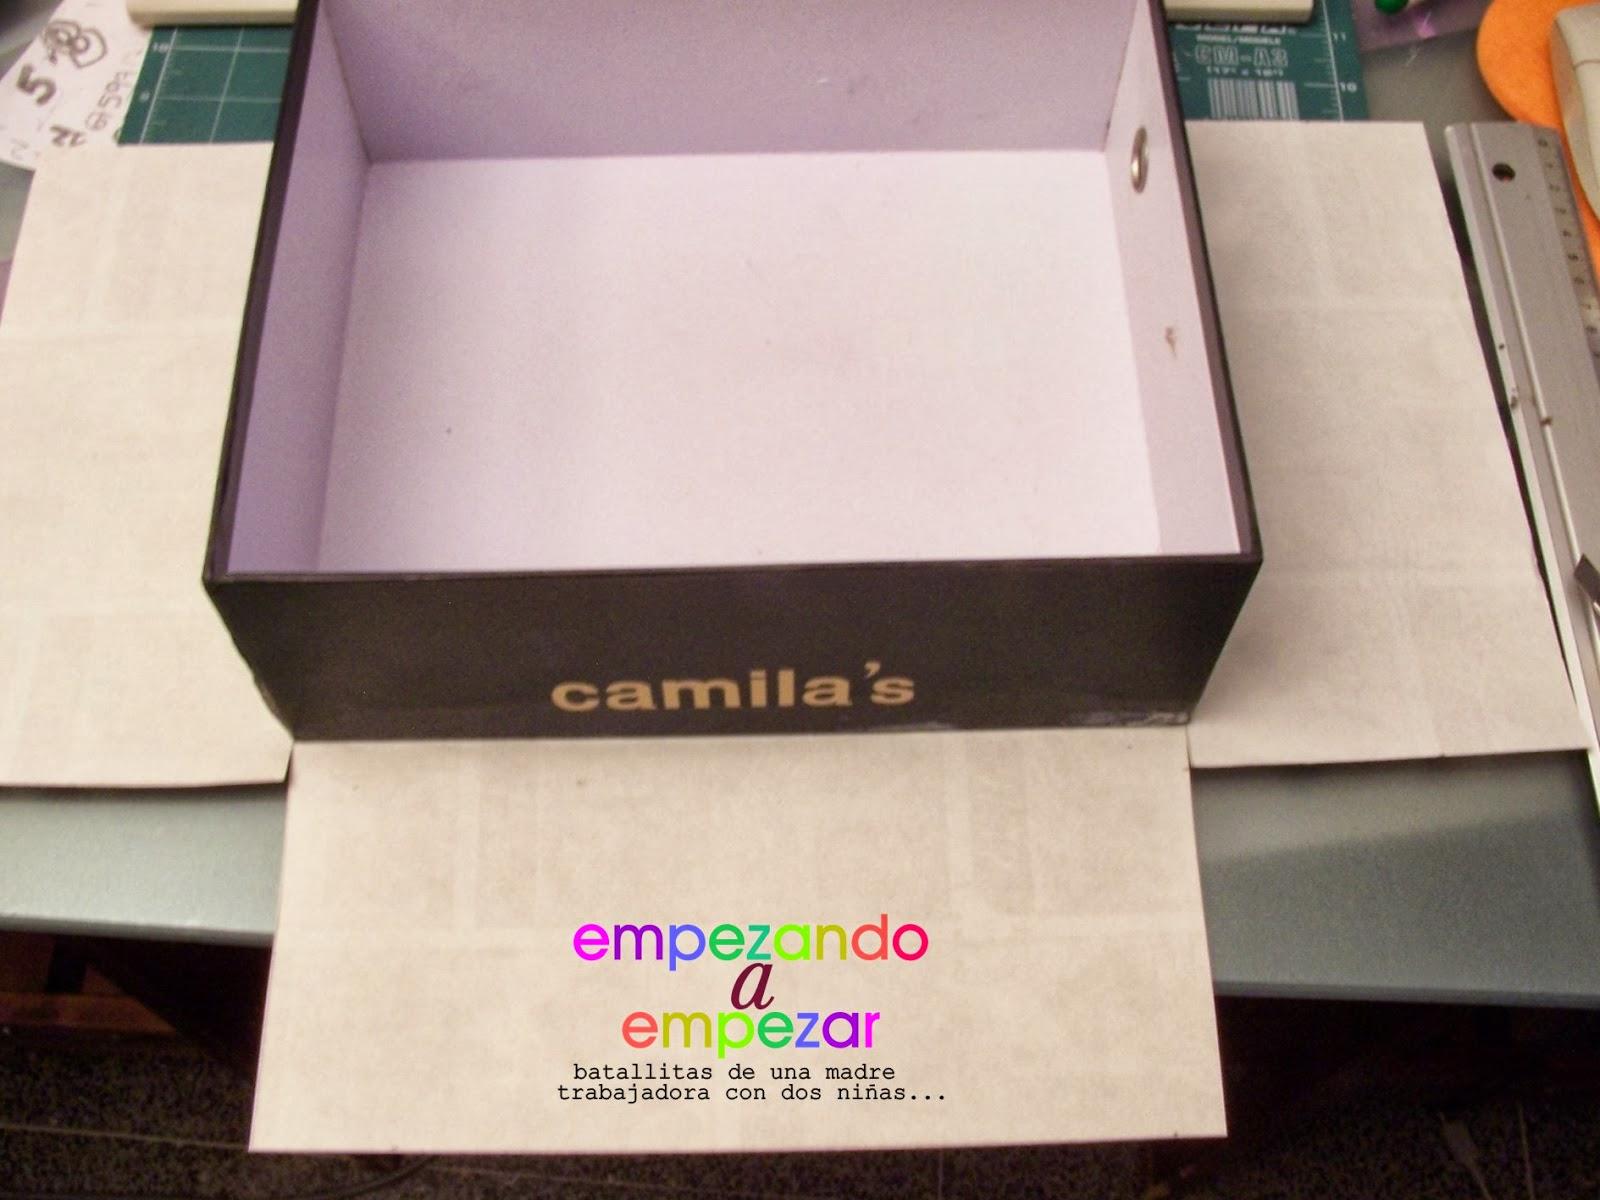 Empezando a empezar tutorial forrar una caja de zapatos - Forrar cajas de carton con telas ...